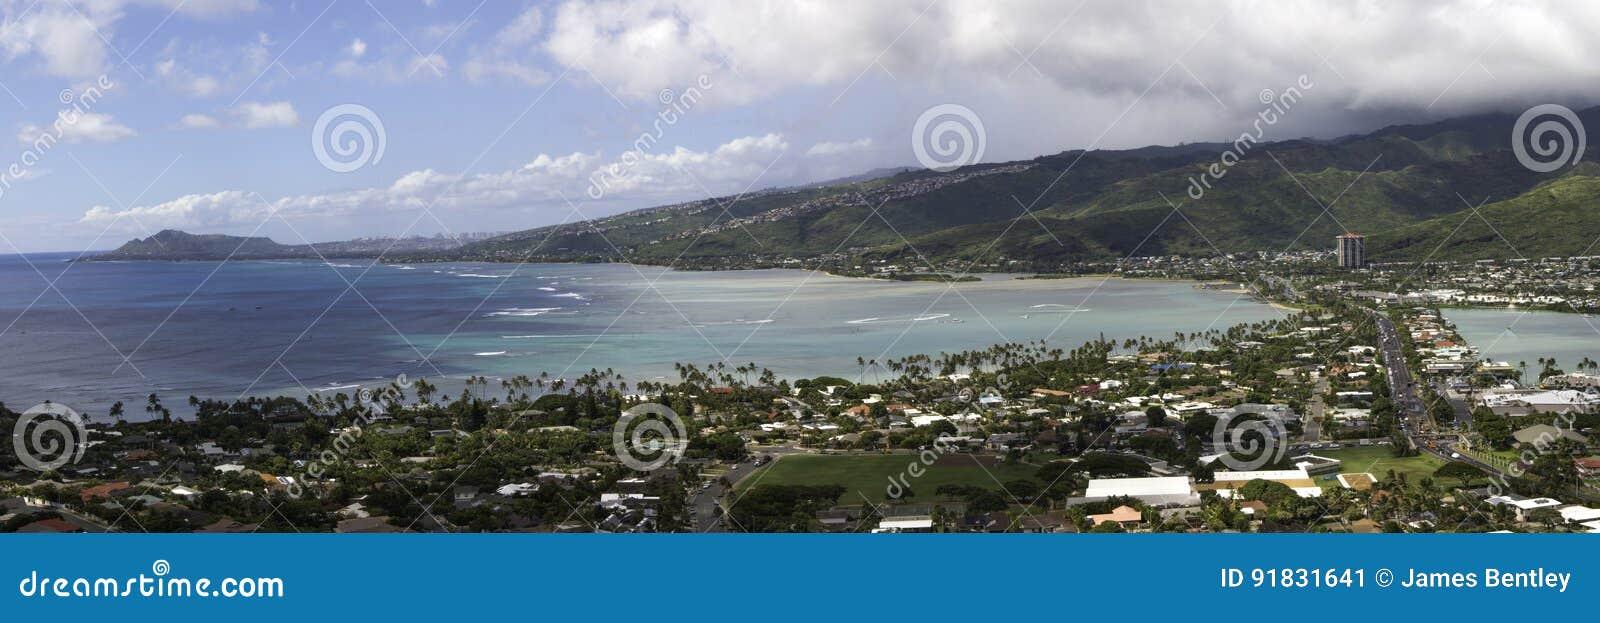 Havaí Kai em Oahu Havaí